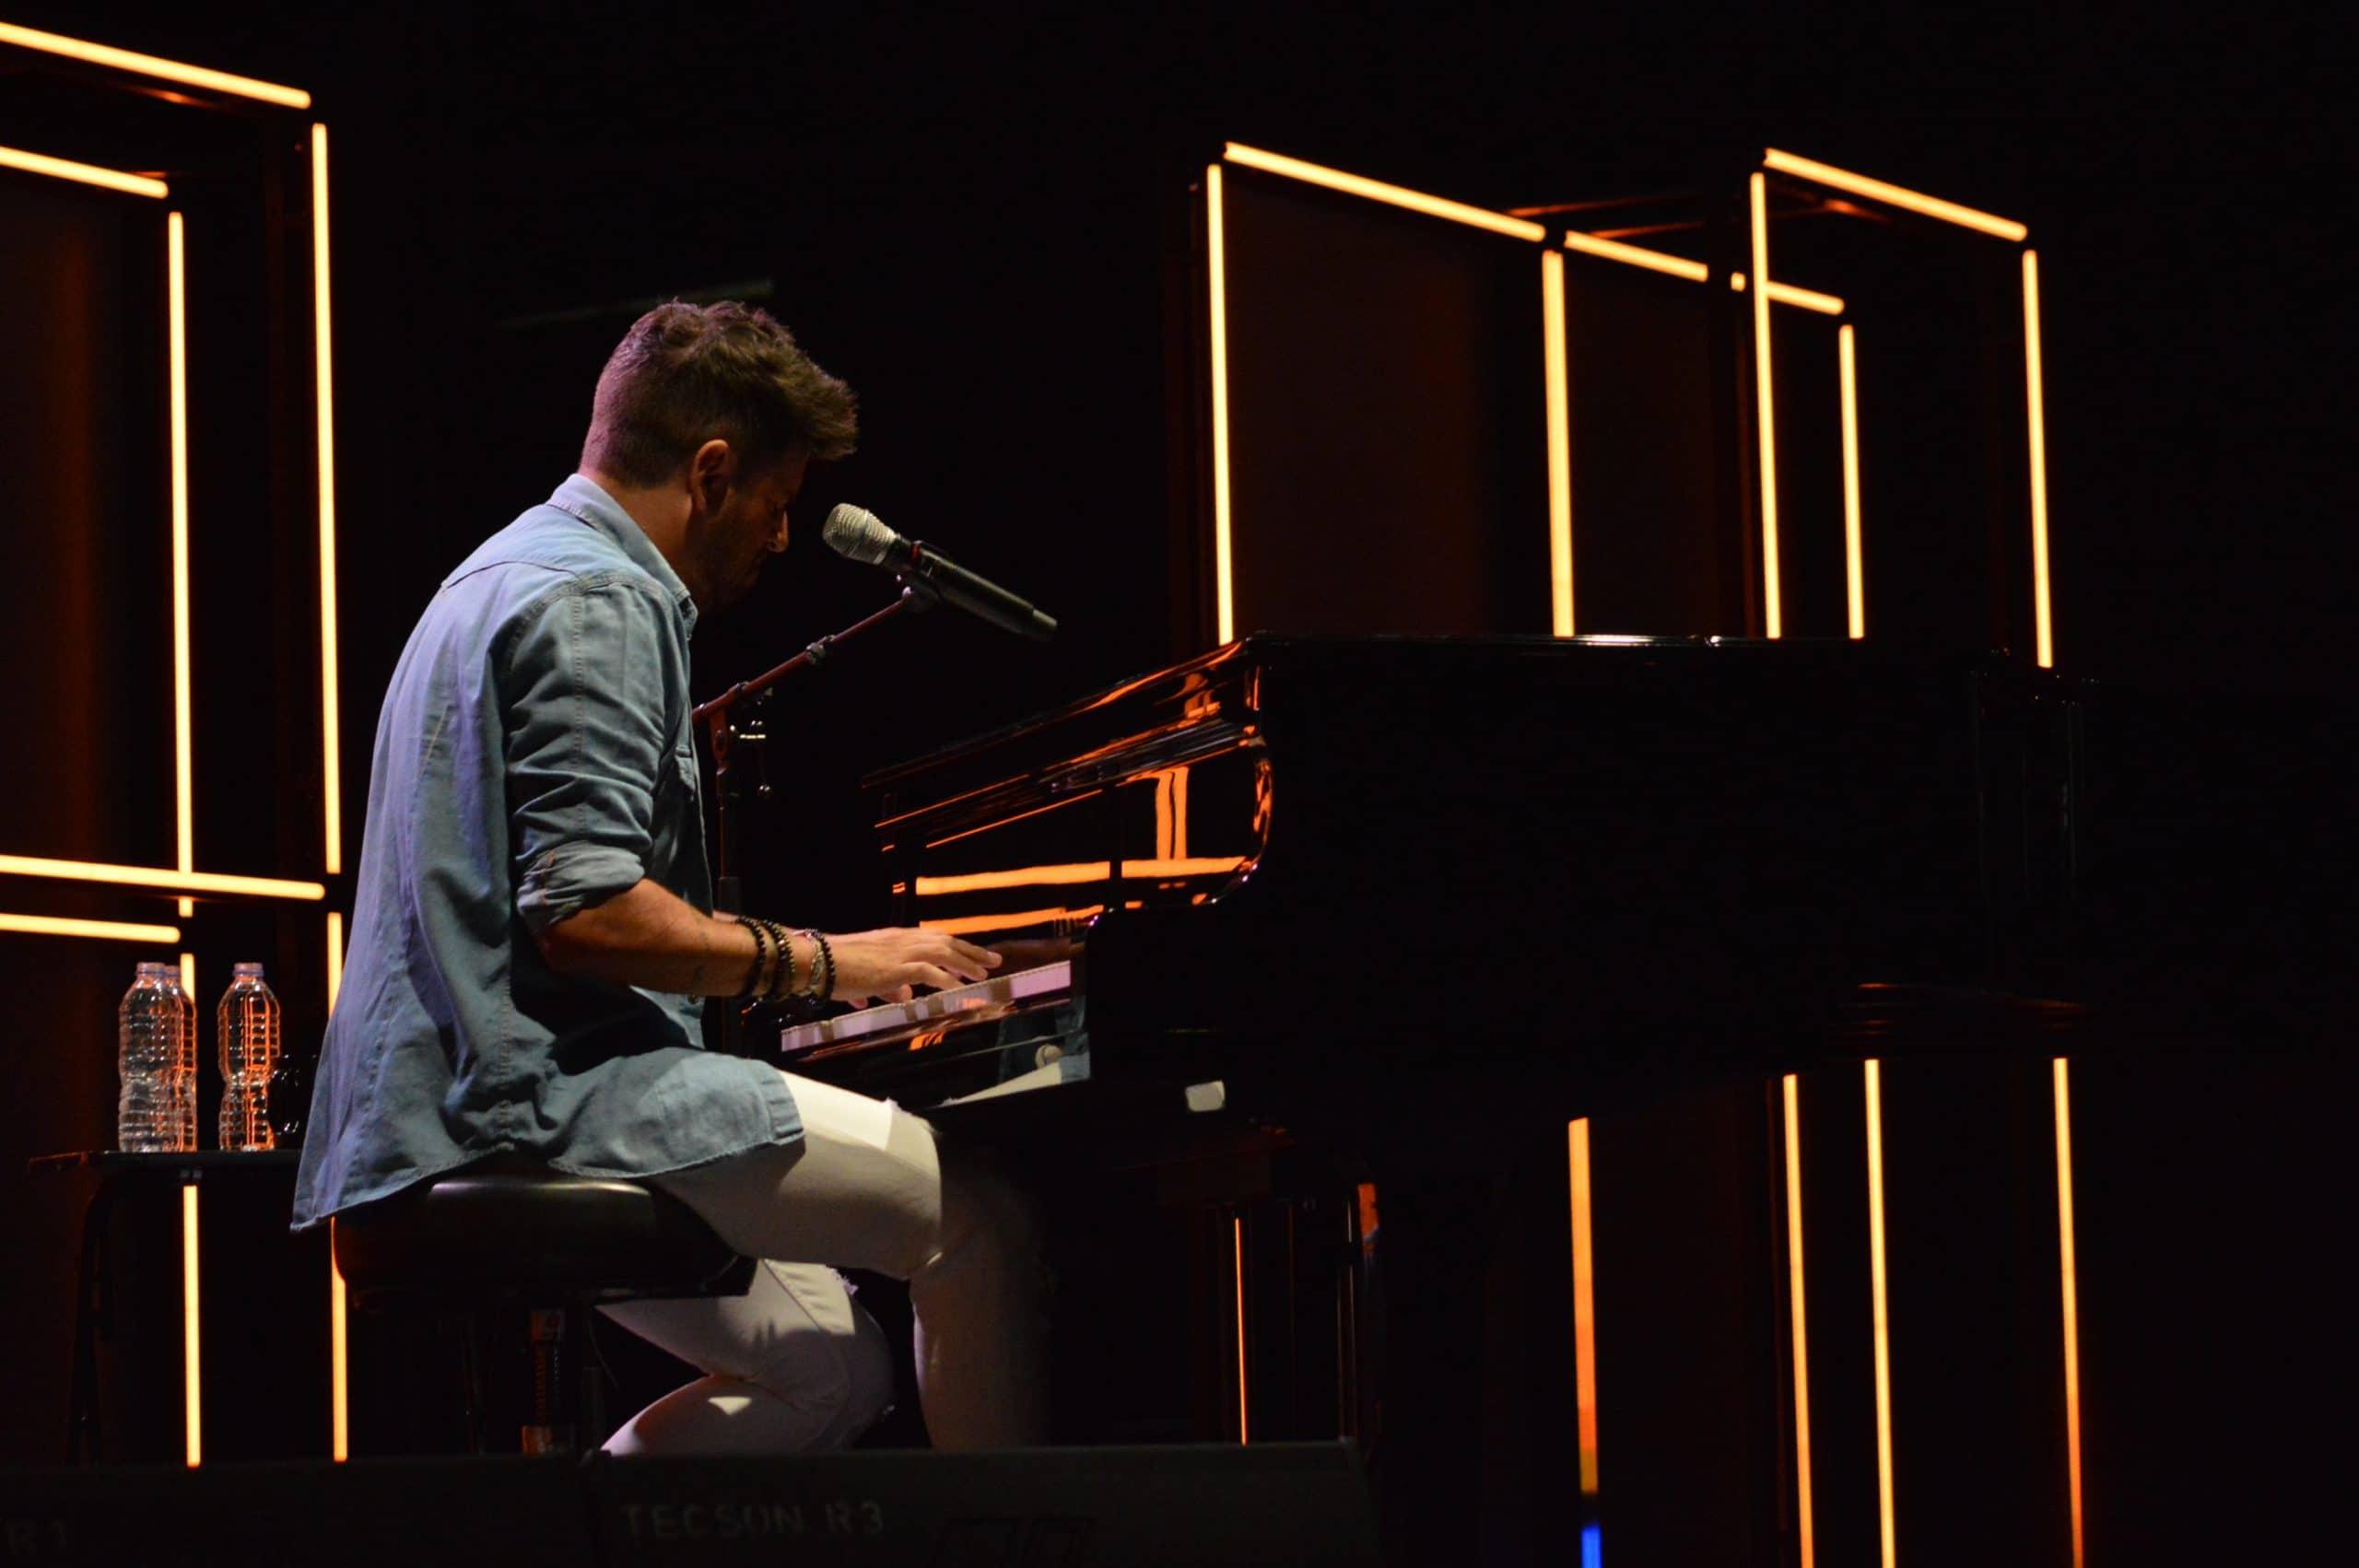 La gira 'López, piano y voz' de Pablo López pone el broche final a las fiestas de la Encina que nunca hubiéramos querido vivir 27